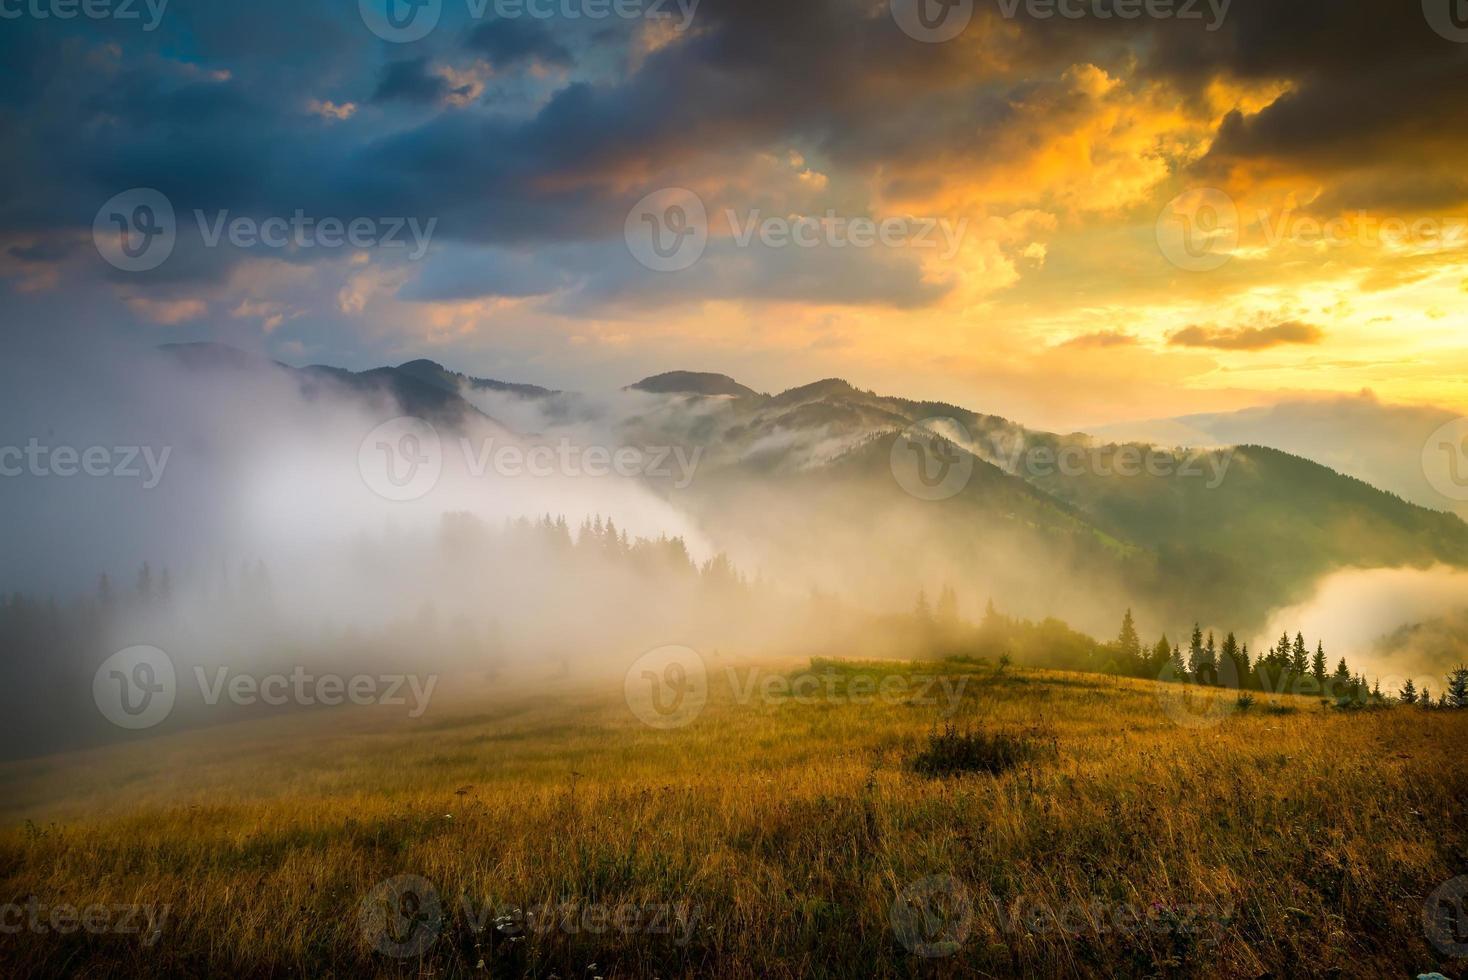 Amazing mountain landscape photo